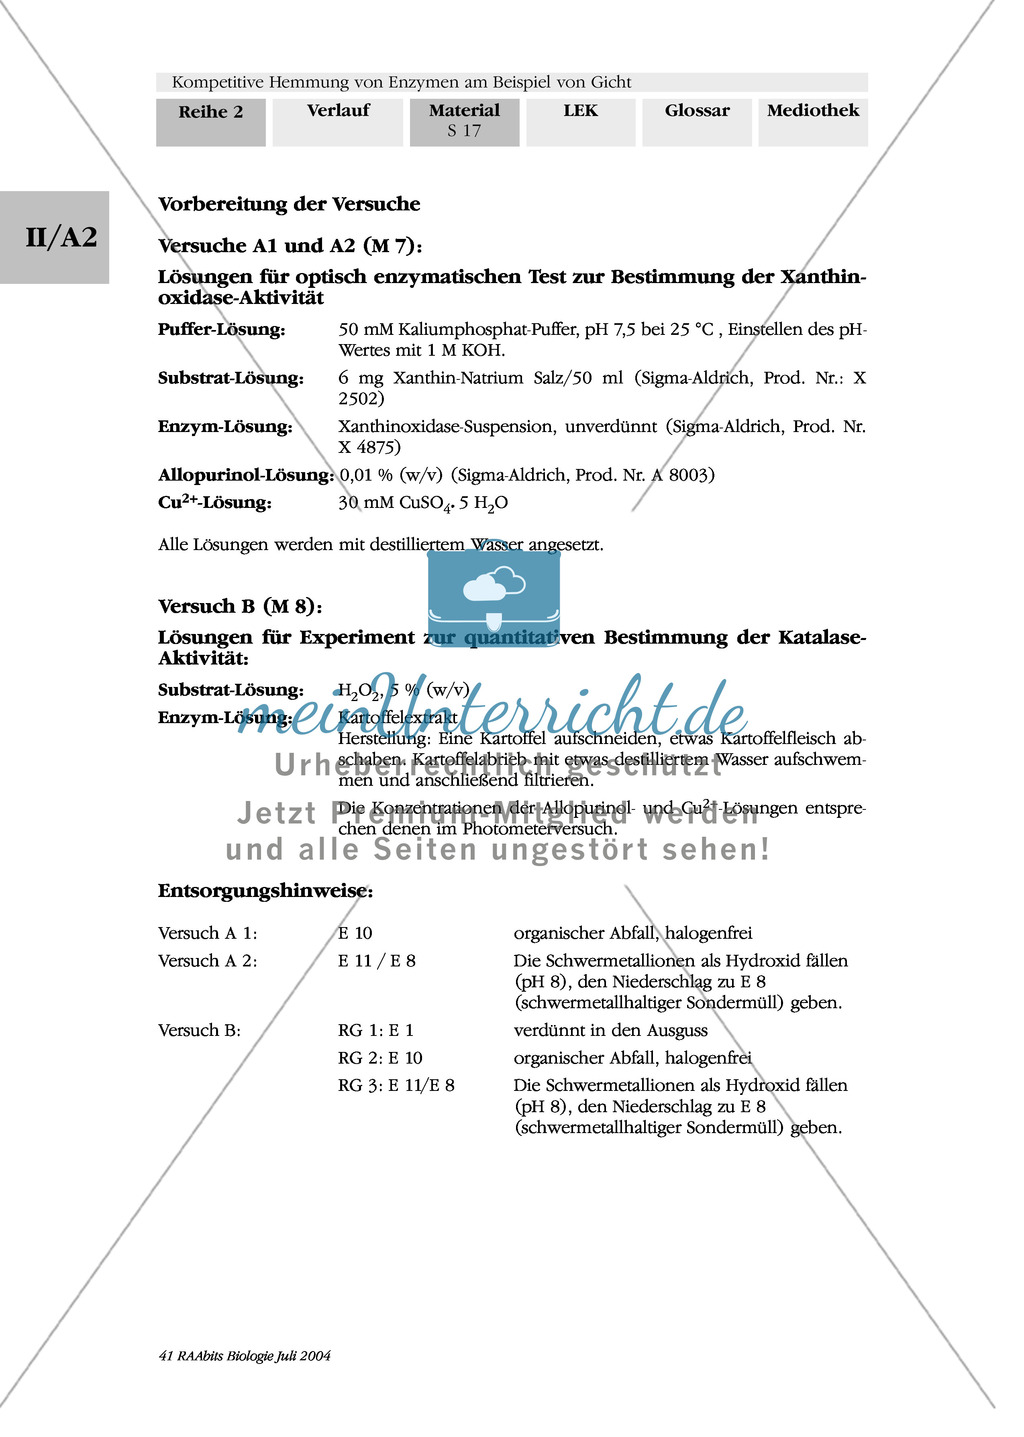 Kompetetive Hemmung von Enzymen am Beispiel der Gicht: Untersuchung von Stoffen auf ihre Eignung als Gichtmedikament anhand von Photometerversuchen Preview 8